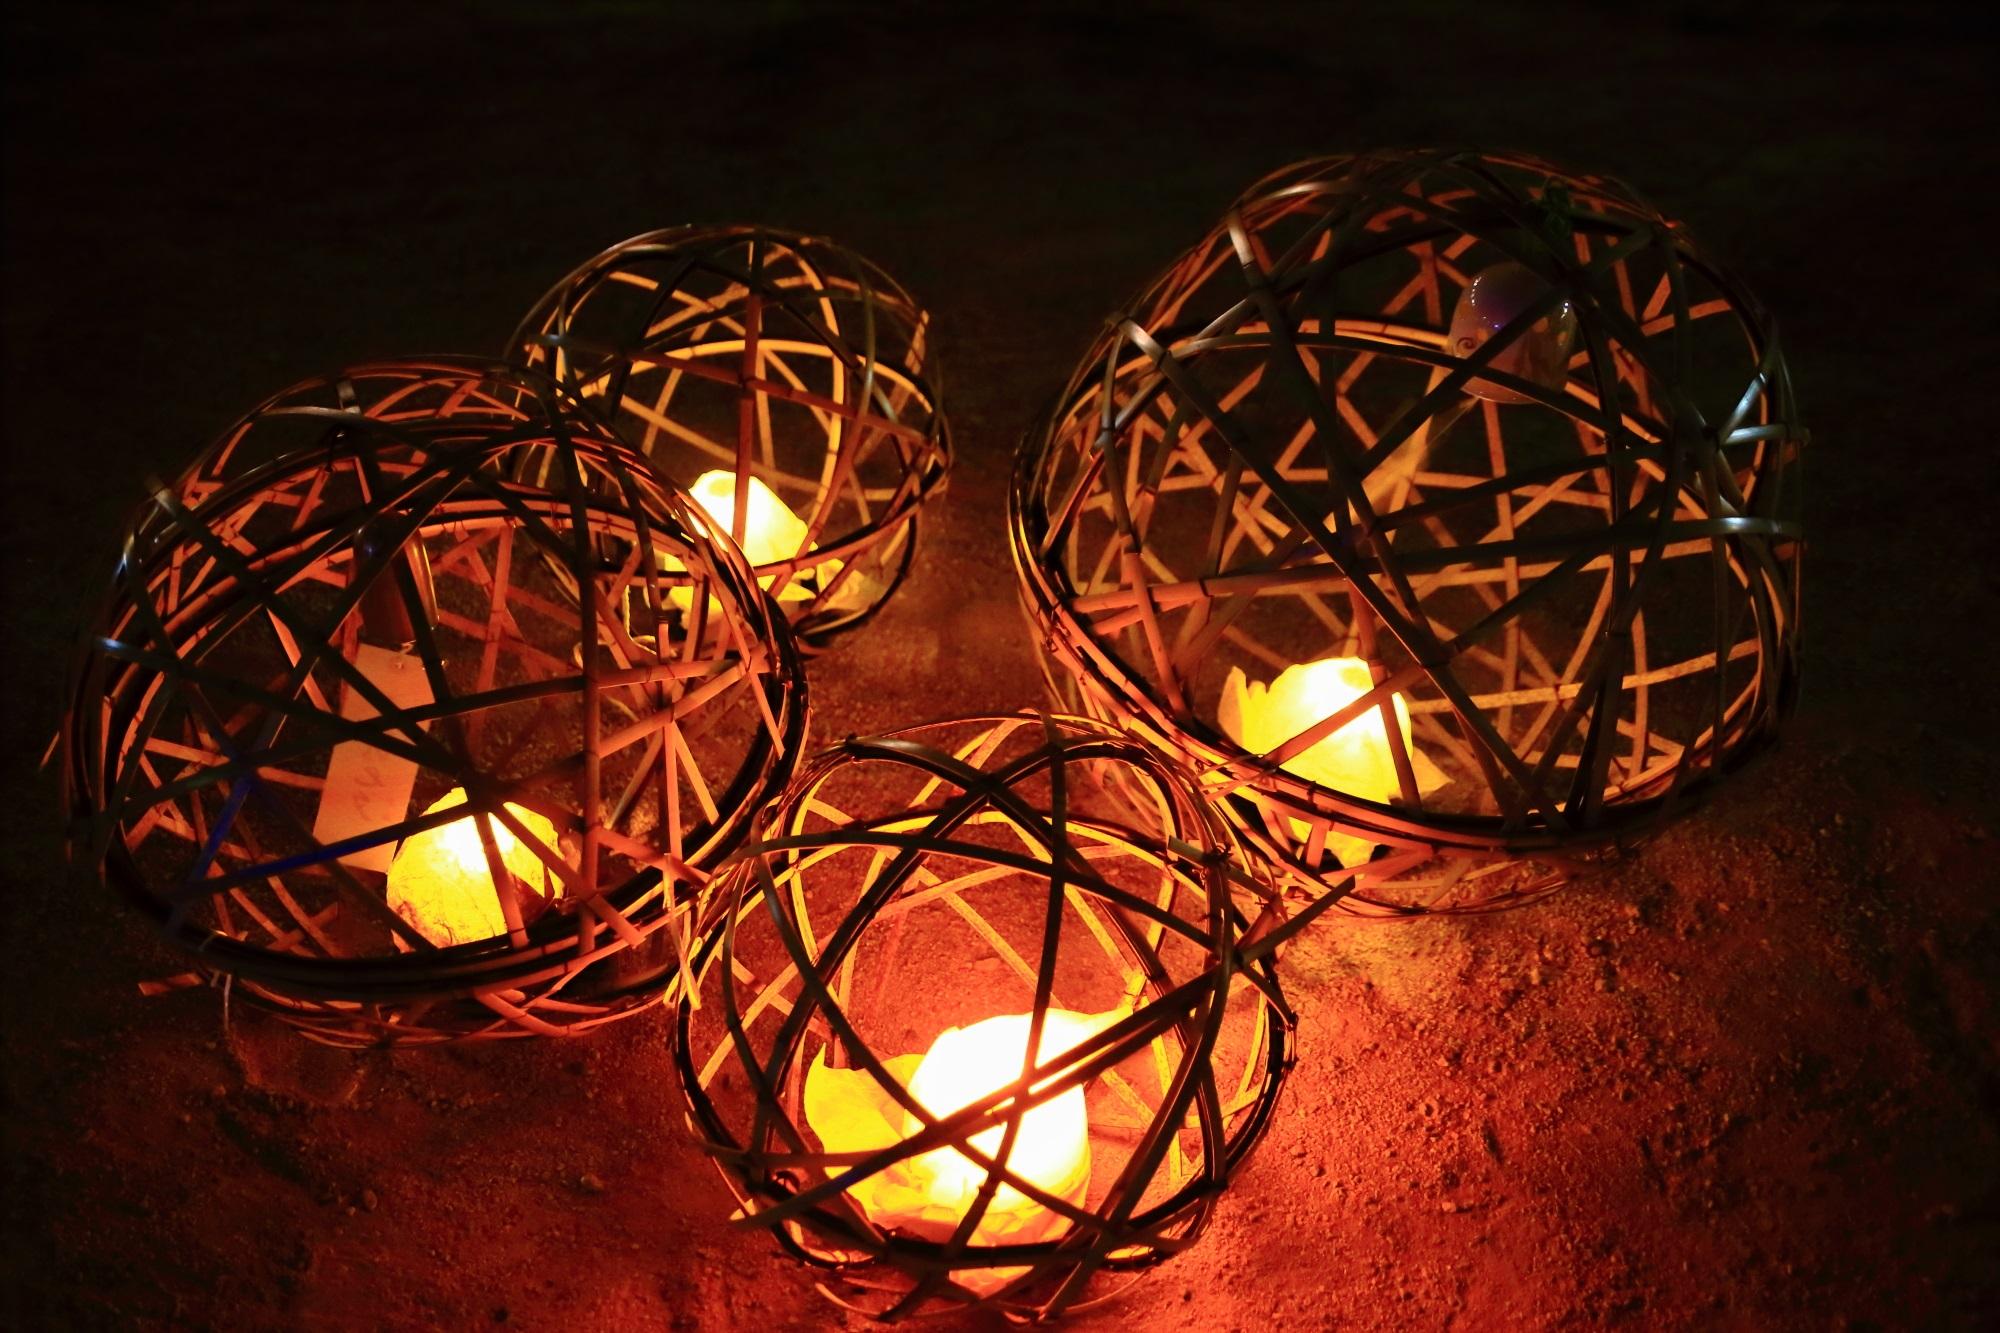 京の七夕鴨川会場の幻想的な風鈴灯